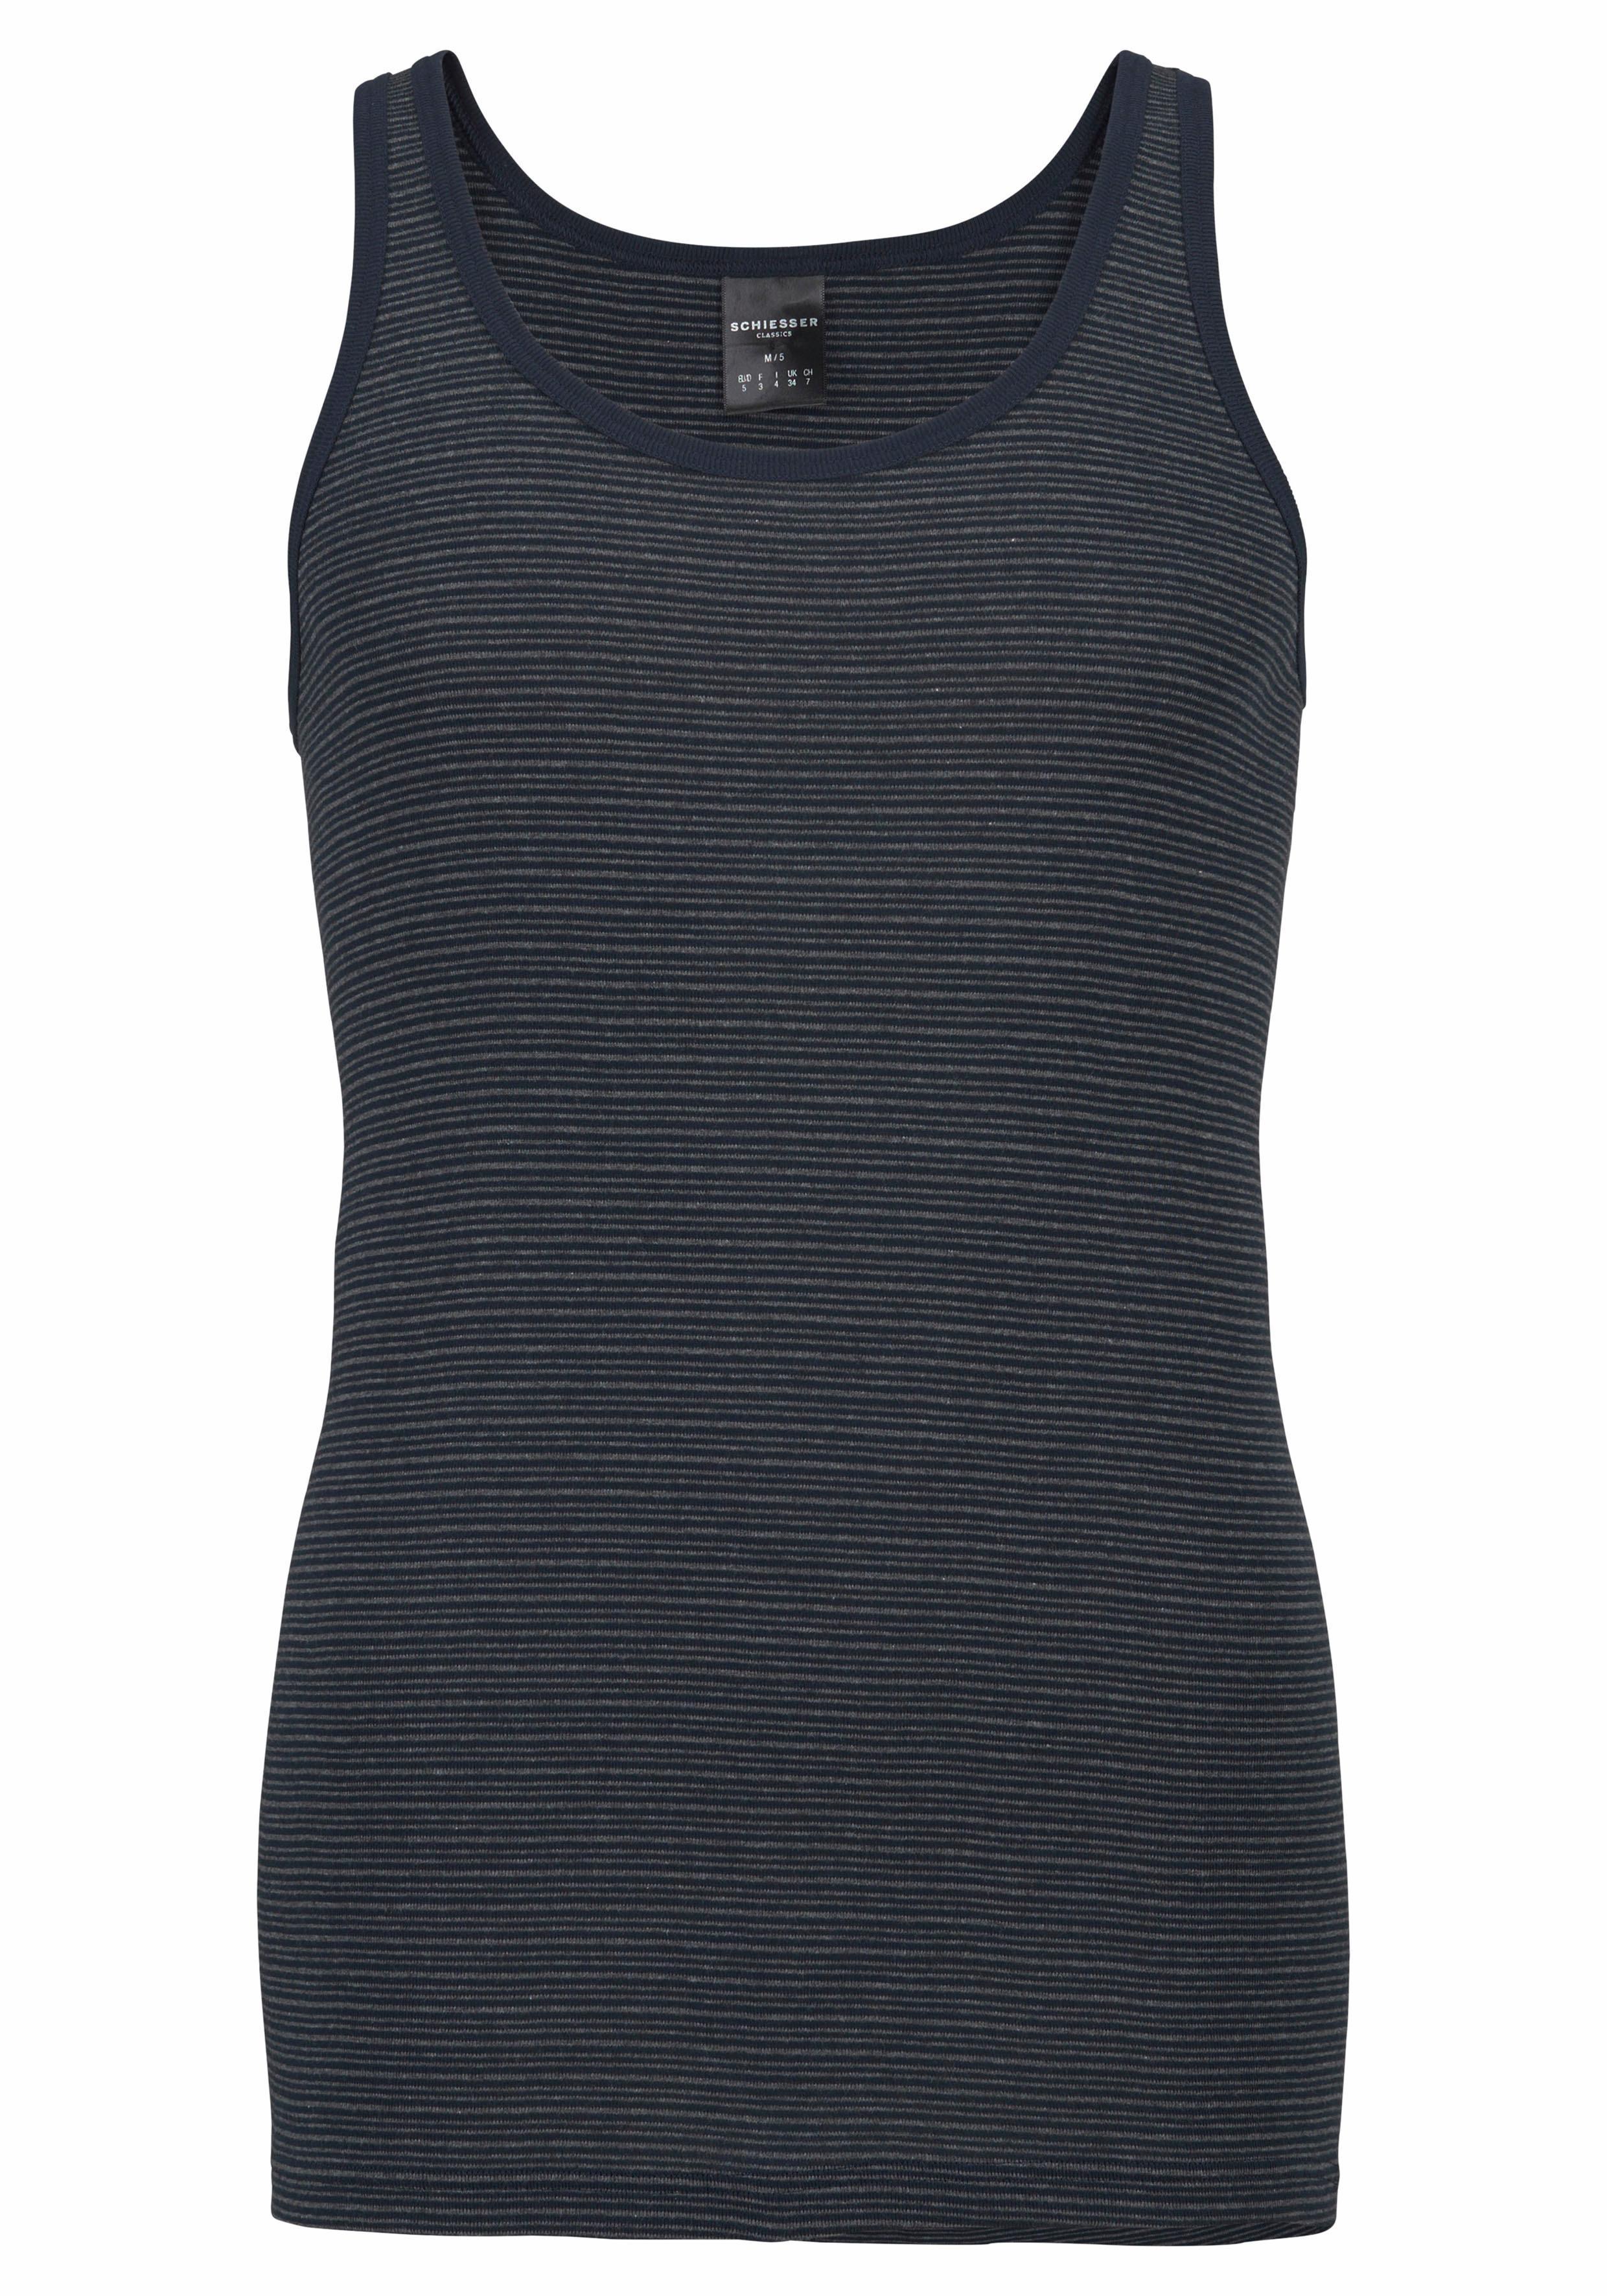 Schiesser Unterhemd | Bekleidung > Wäsche > Unterhemden | Schiesser